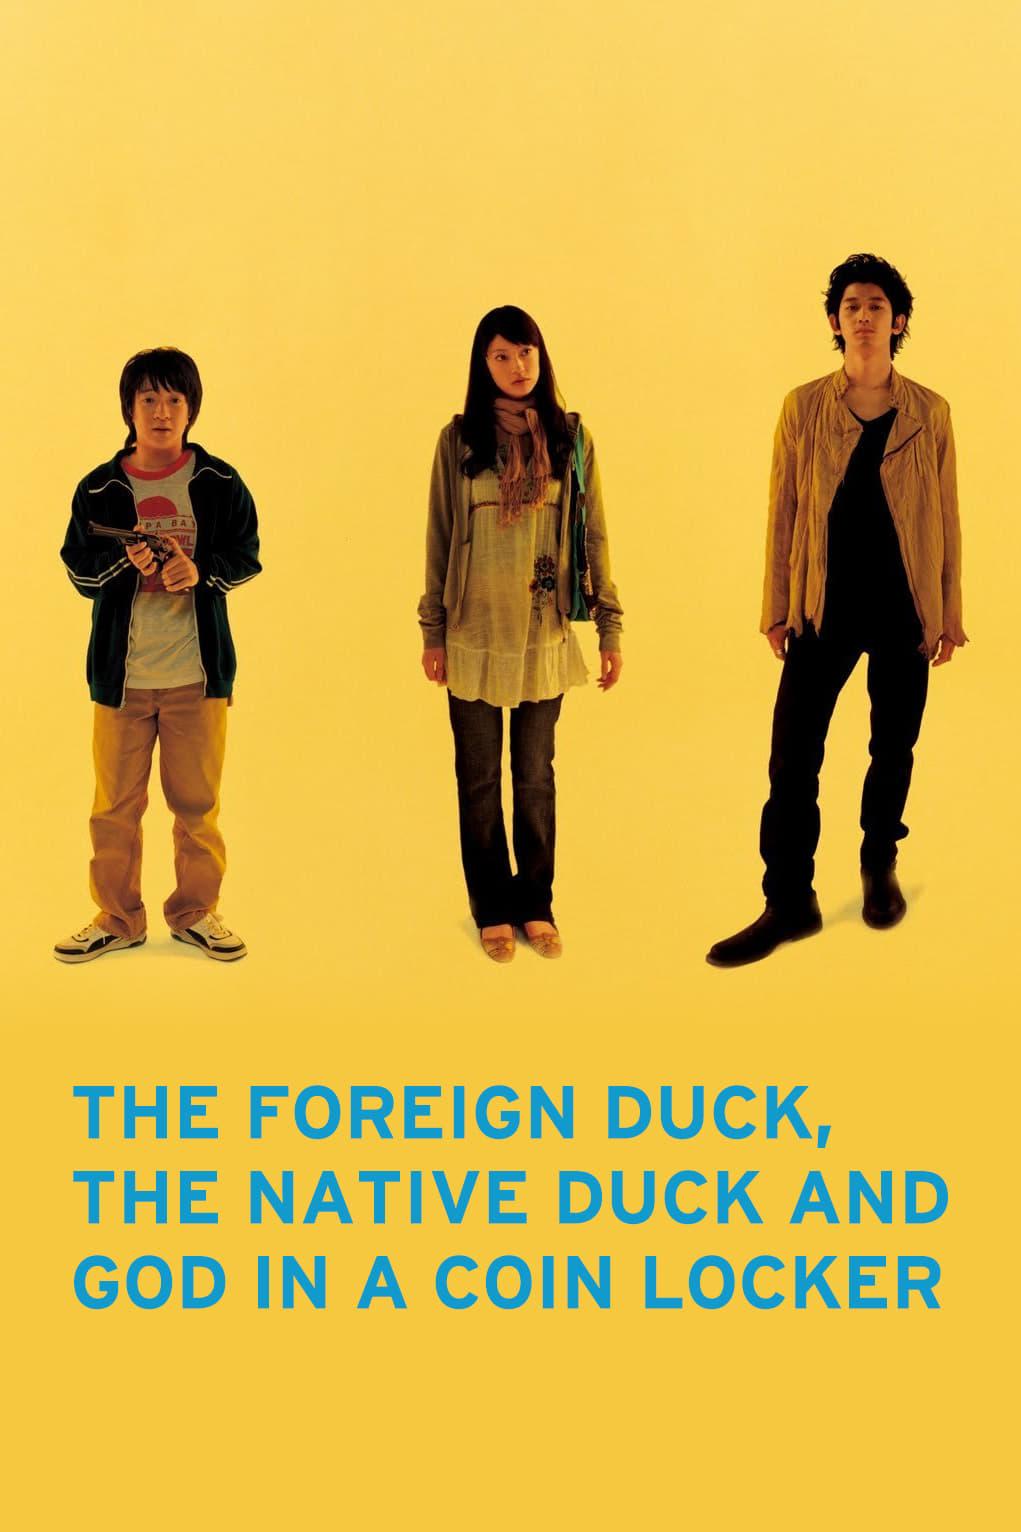 O Pato Estrangeiro, o Pato Nativo e Deus em um Armário de Moedas